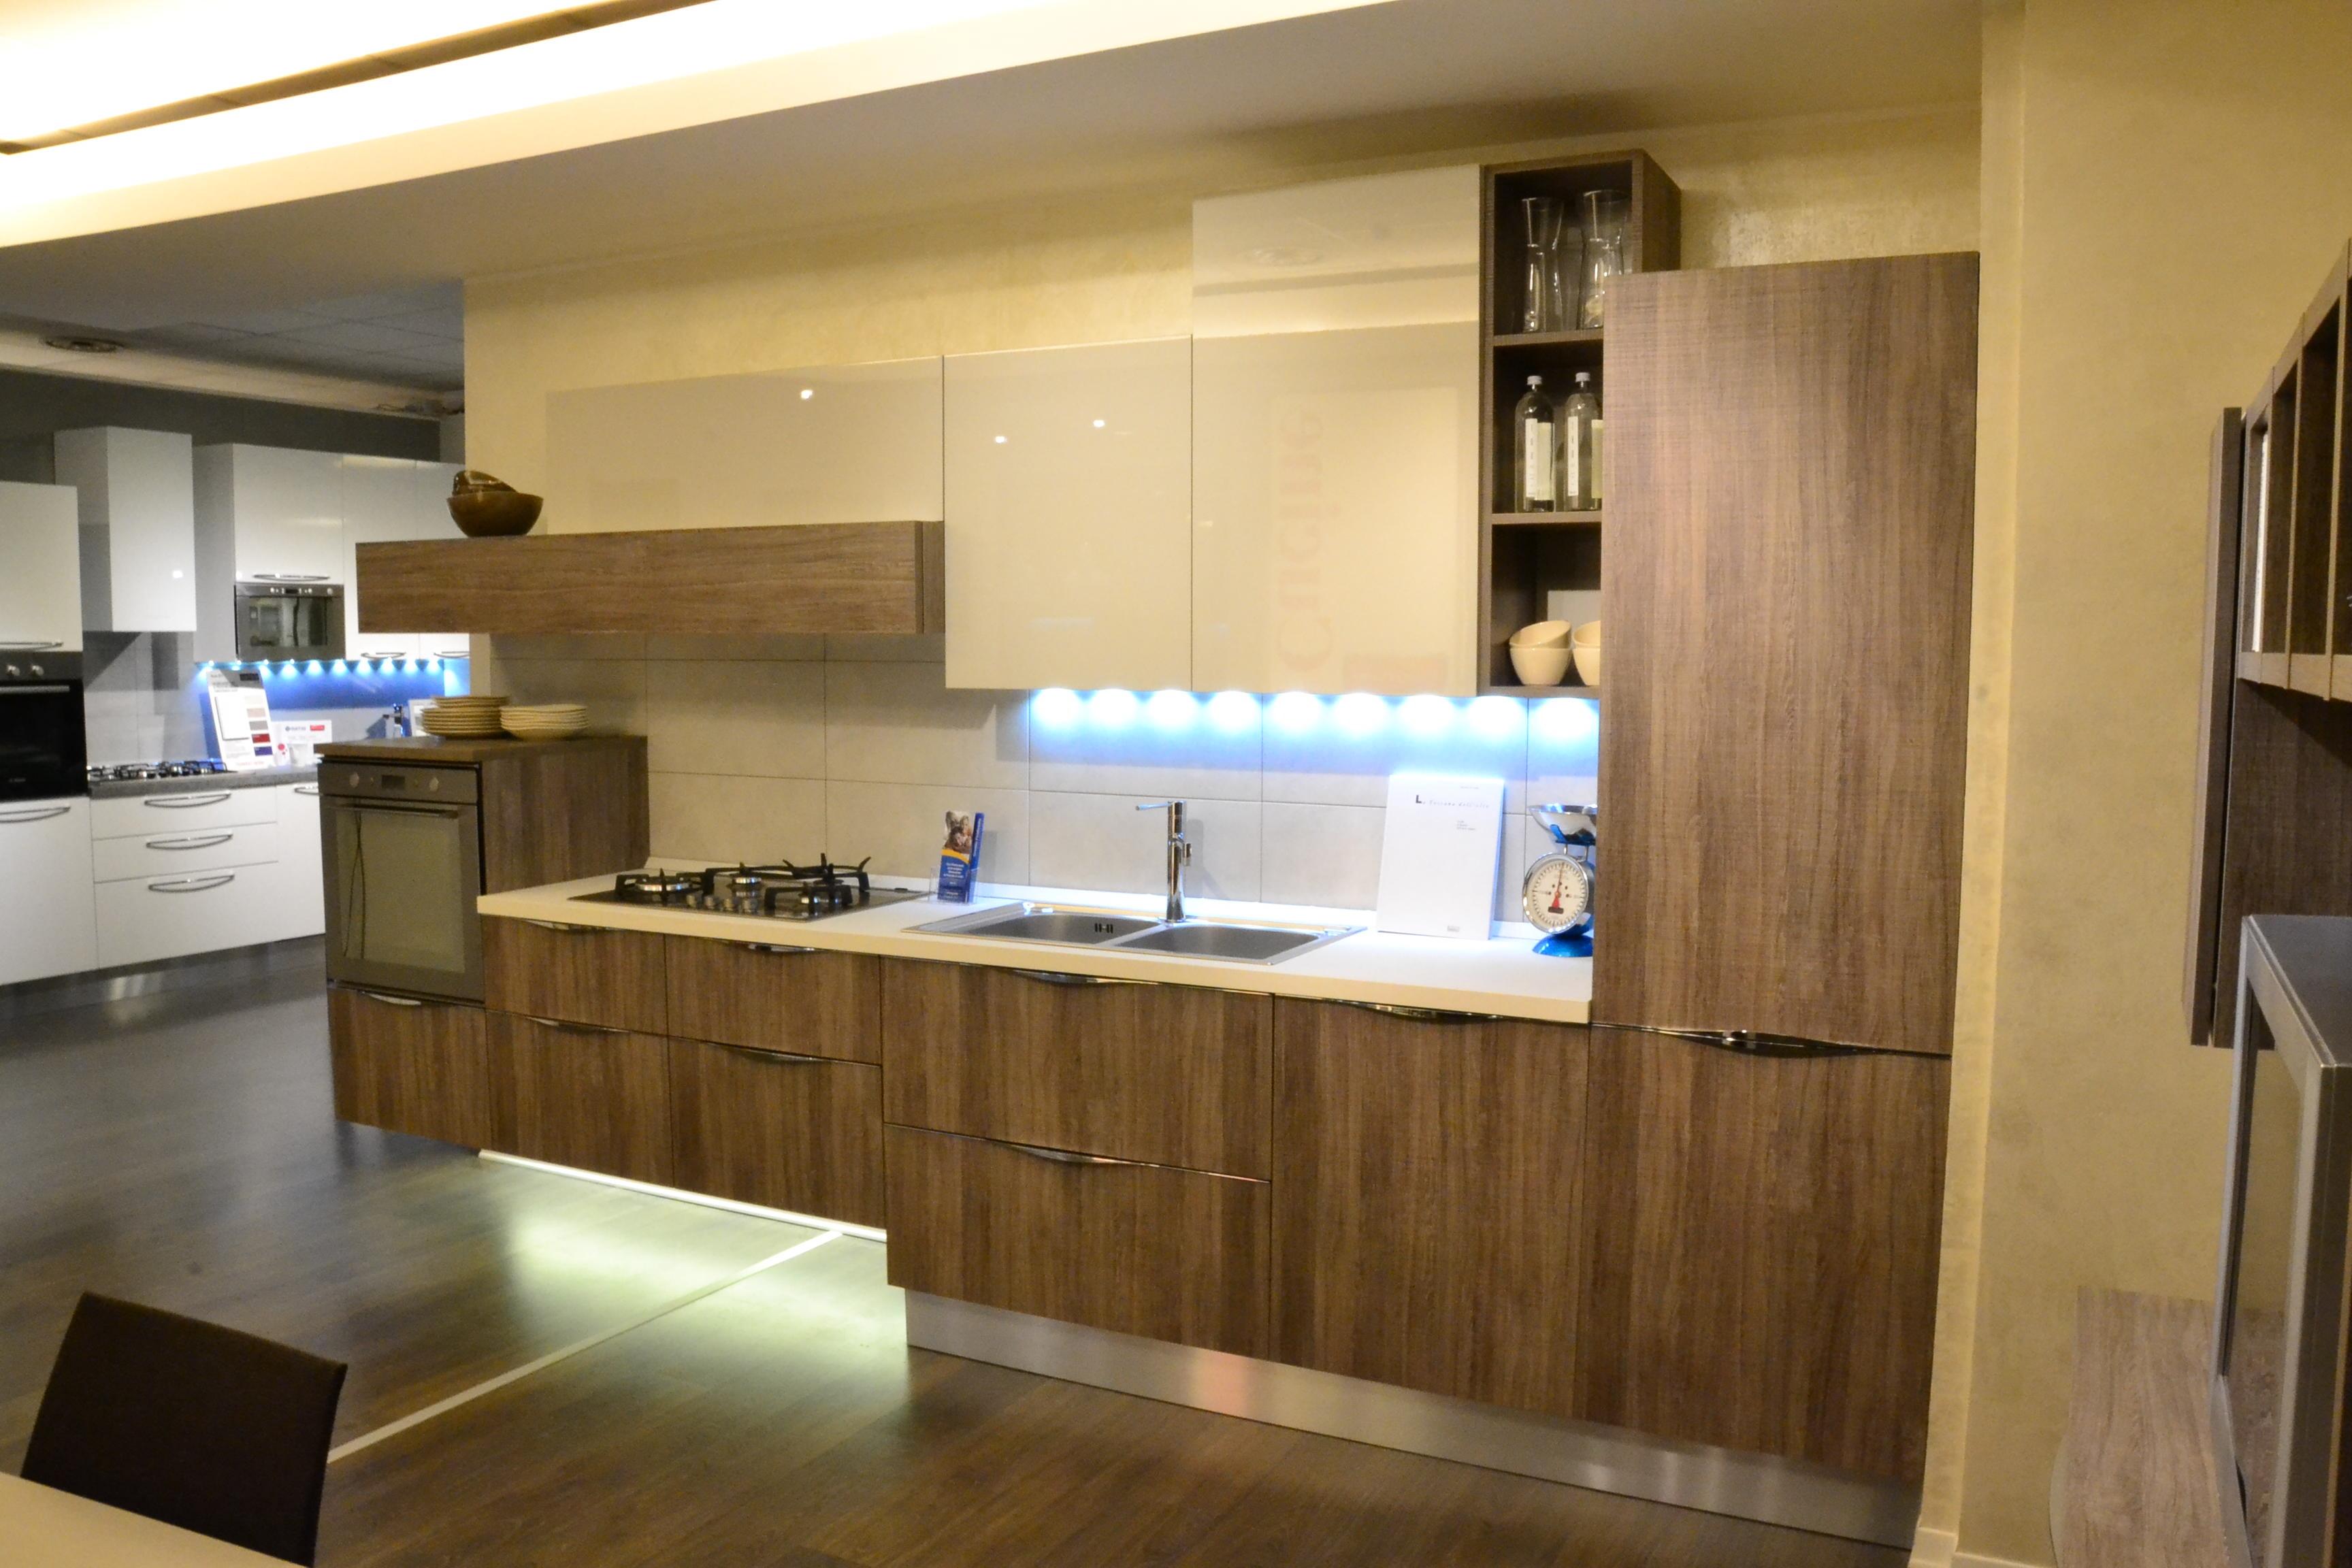 Cucina Veneta Cucine Start time sottocosto - Cucine a ...